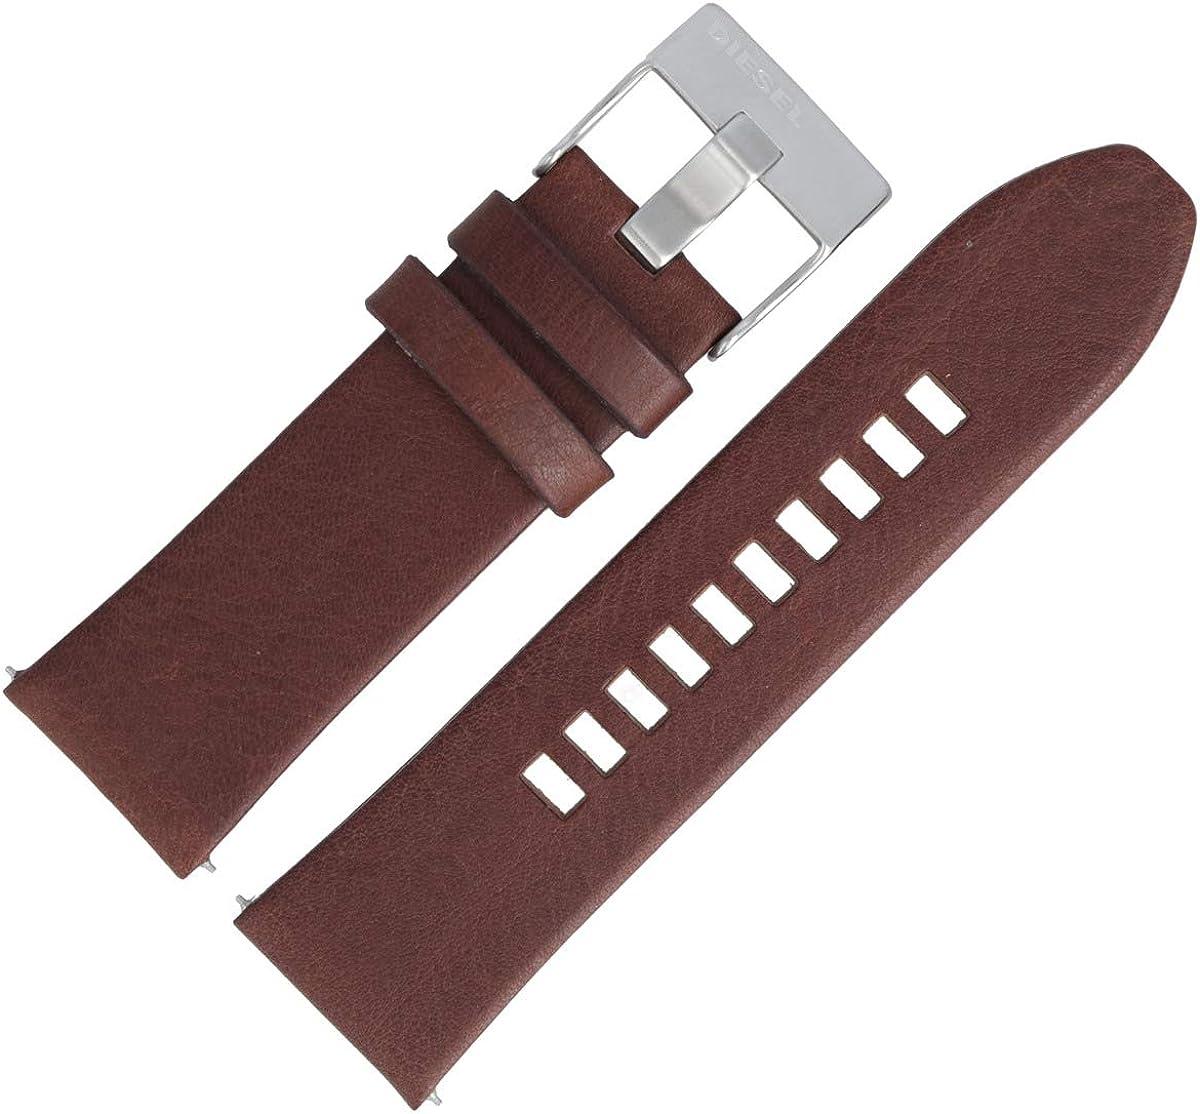 Diesel DZ-4290 - Correa de piel para reloj (26 mm), color marrón